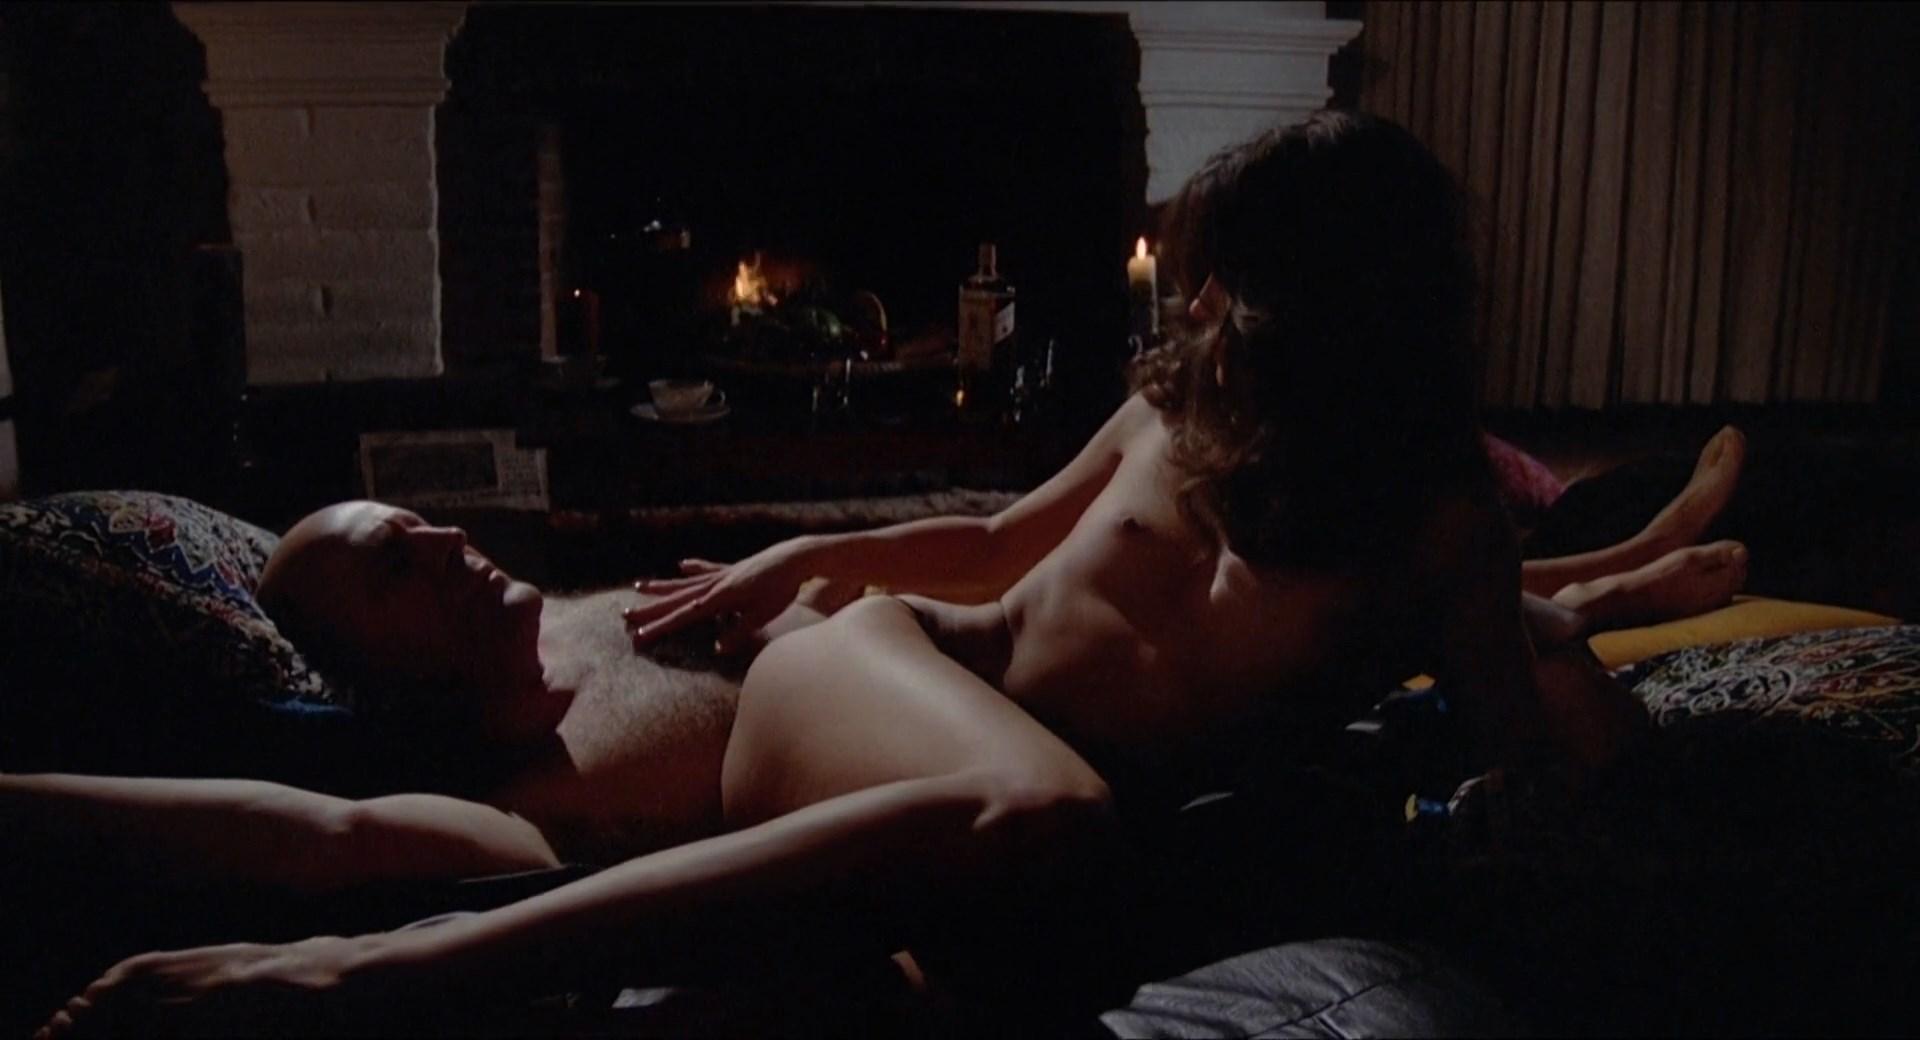 Nude nude girls kingston